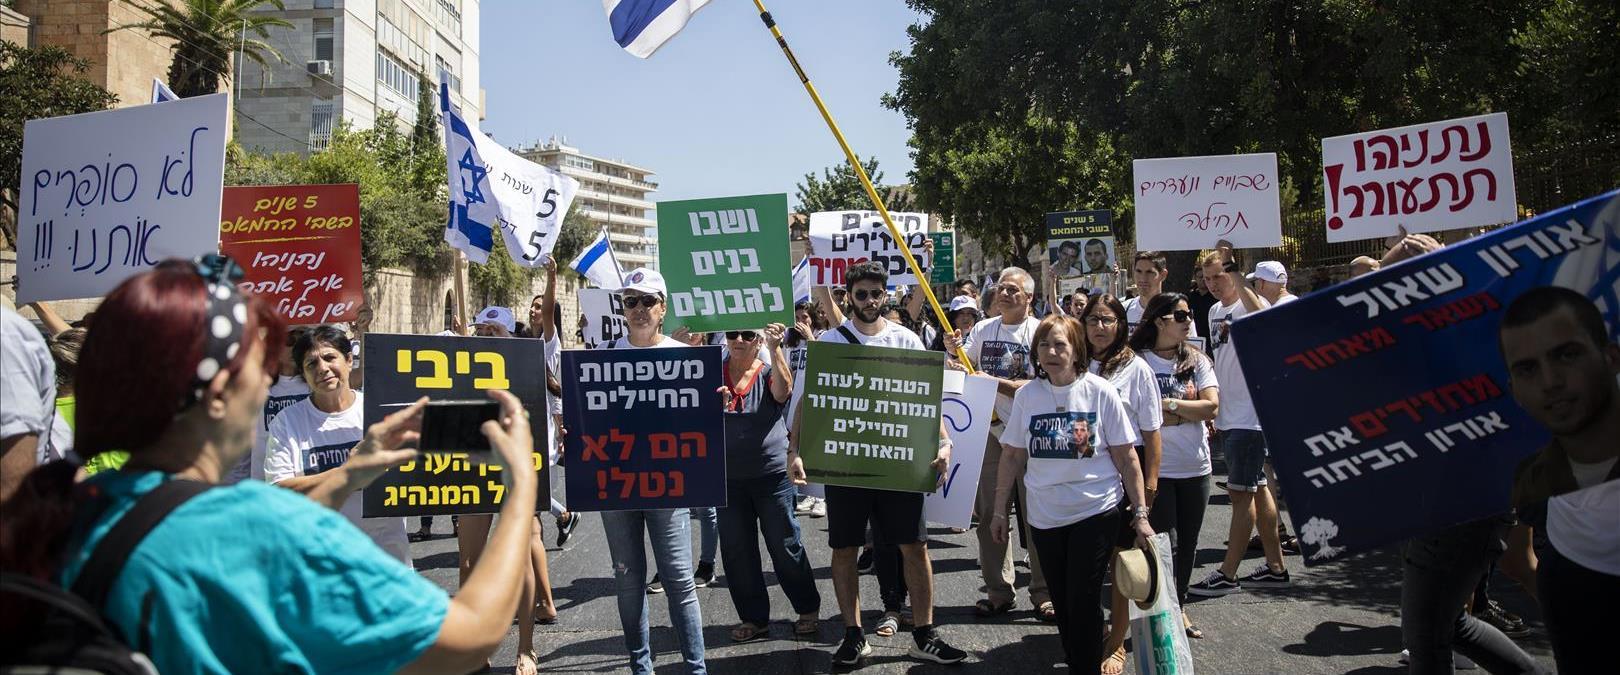 הפגנה למען שחרור הנעדרים, ארכיון